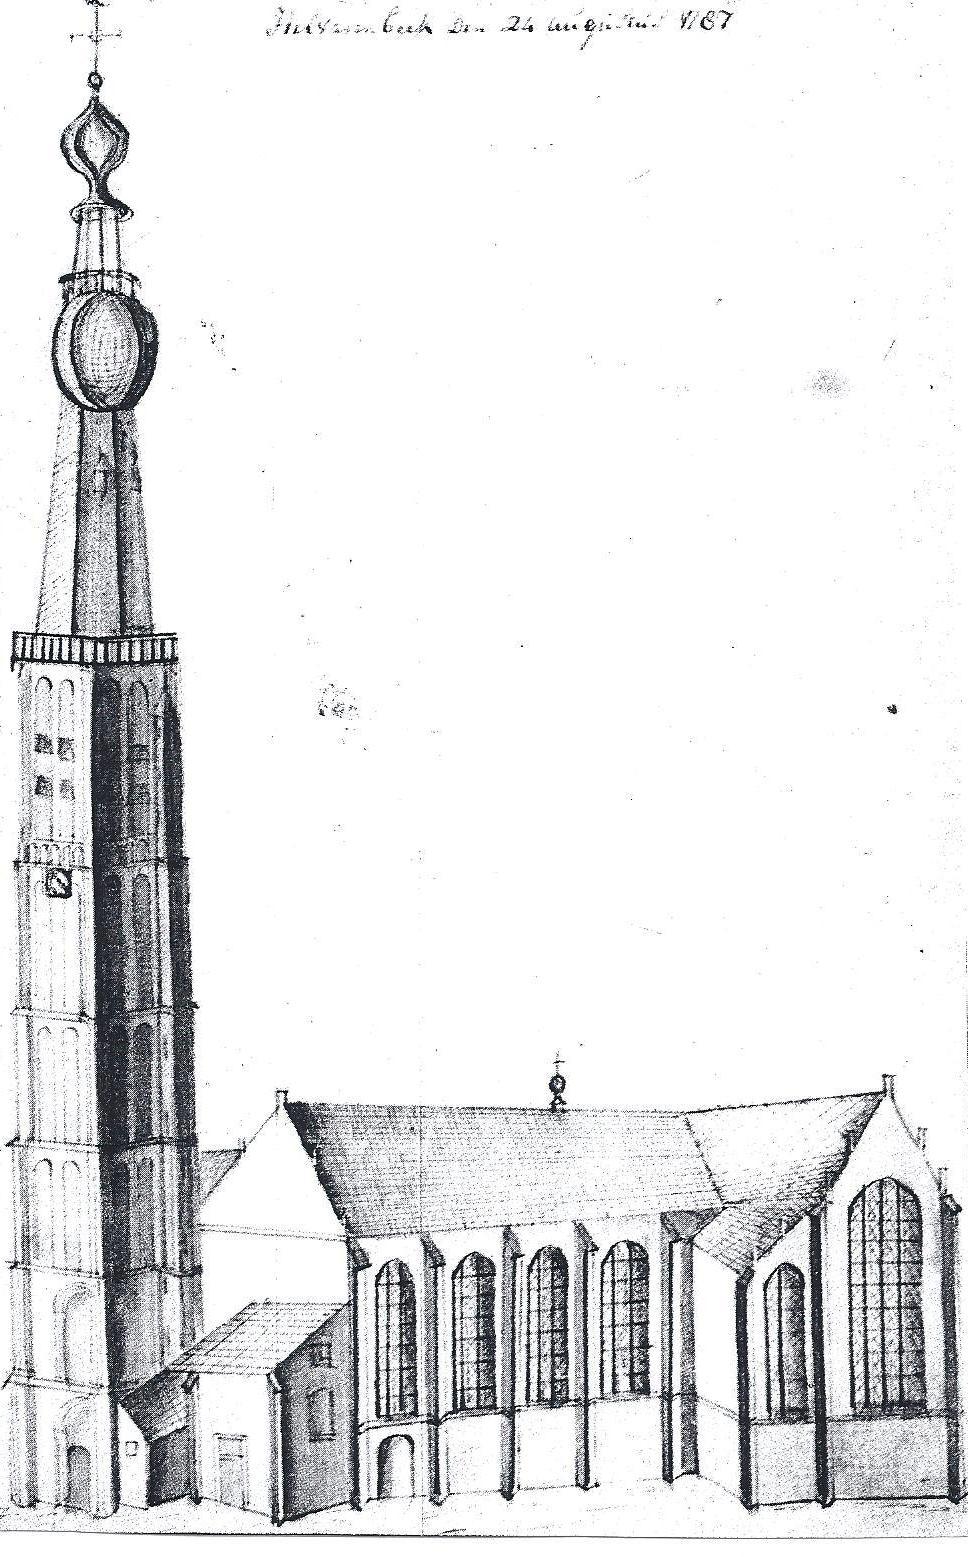 De kerk van Hilvarenbeek ten tijde van dominee Keuchenius.